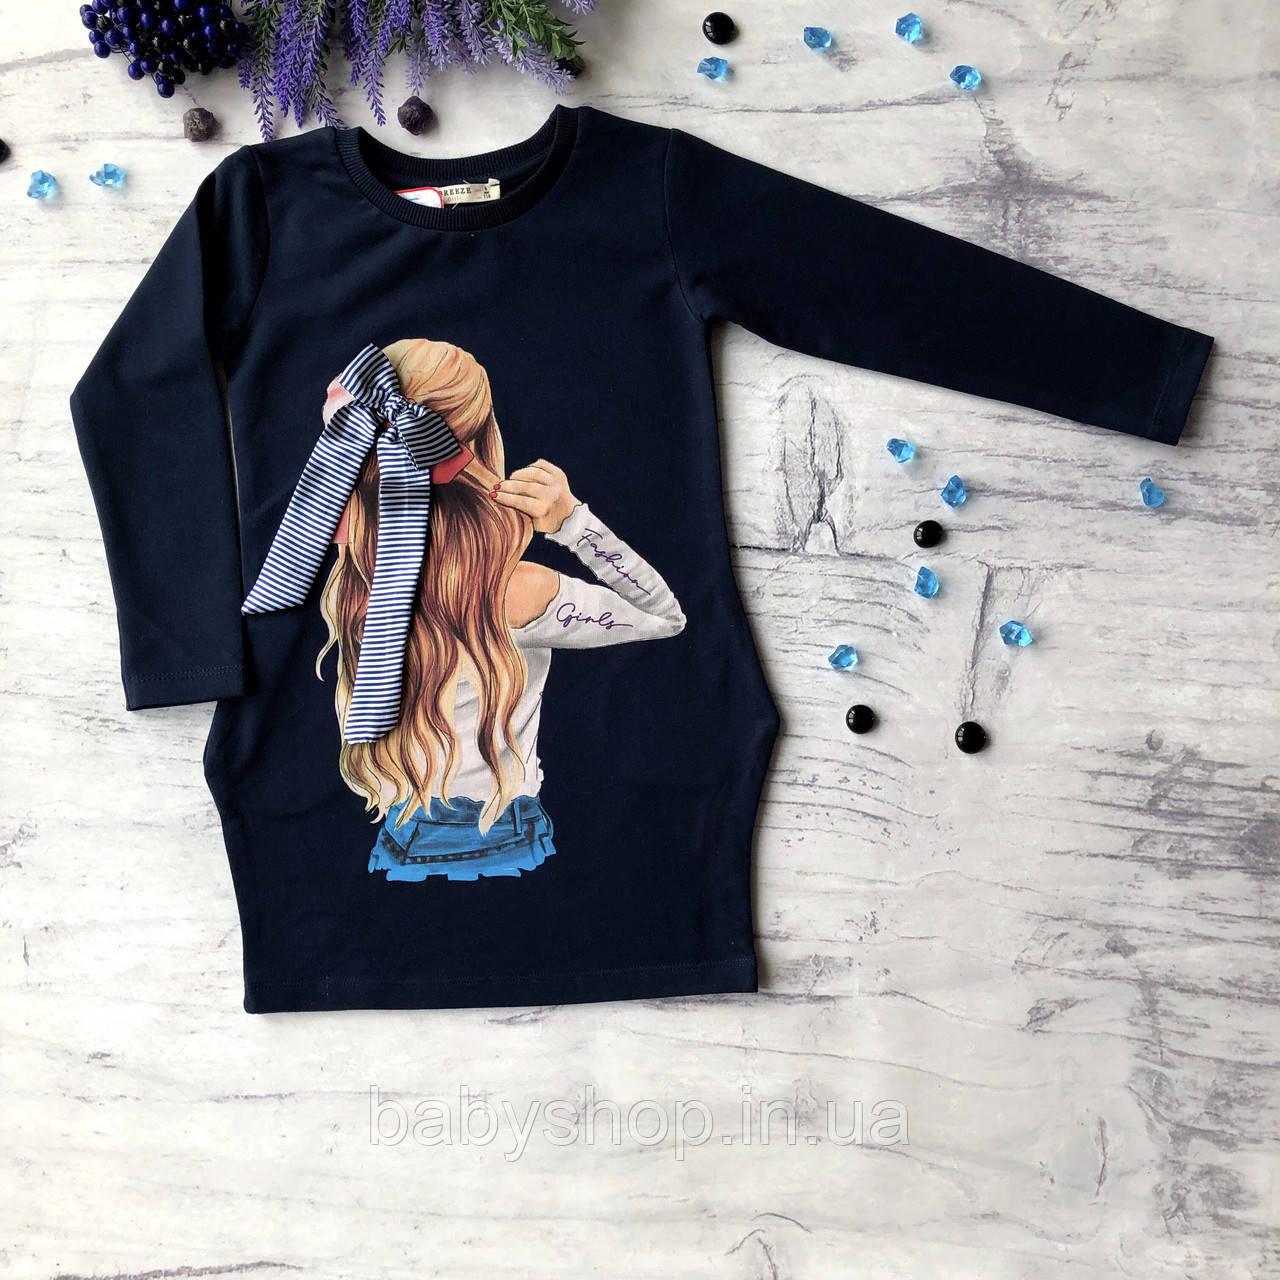 Детское синее платье Breeze для девочки 170. Размер 116 см , 134 см, 140 см